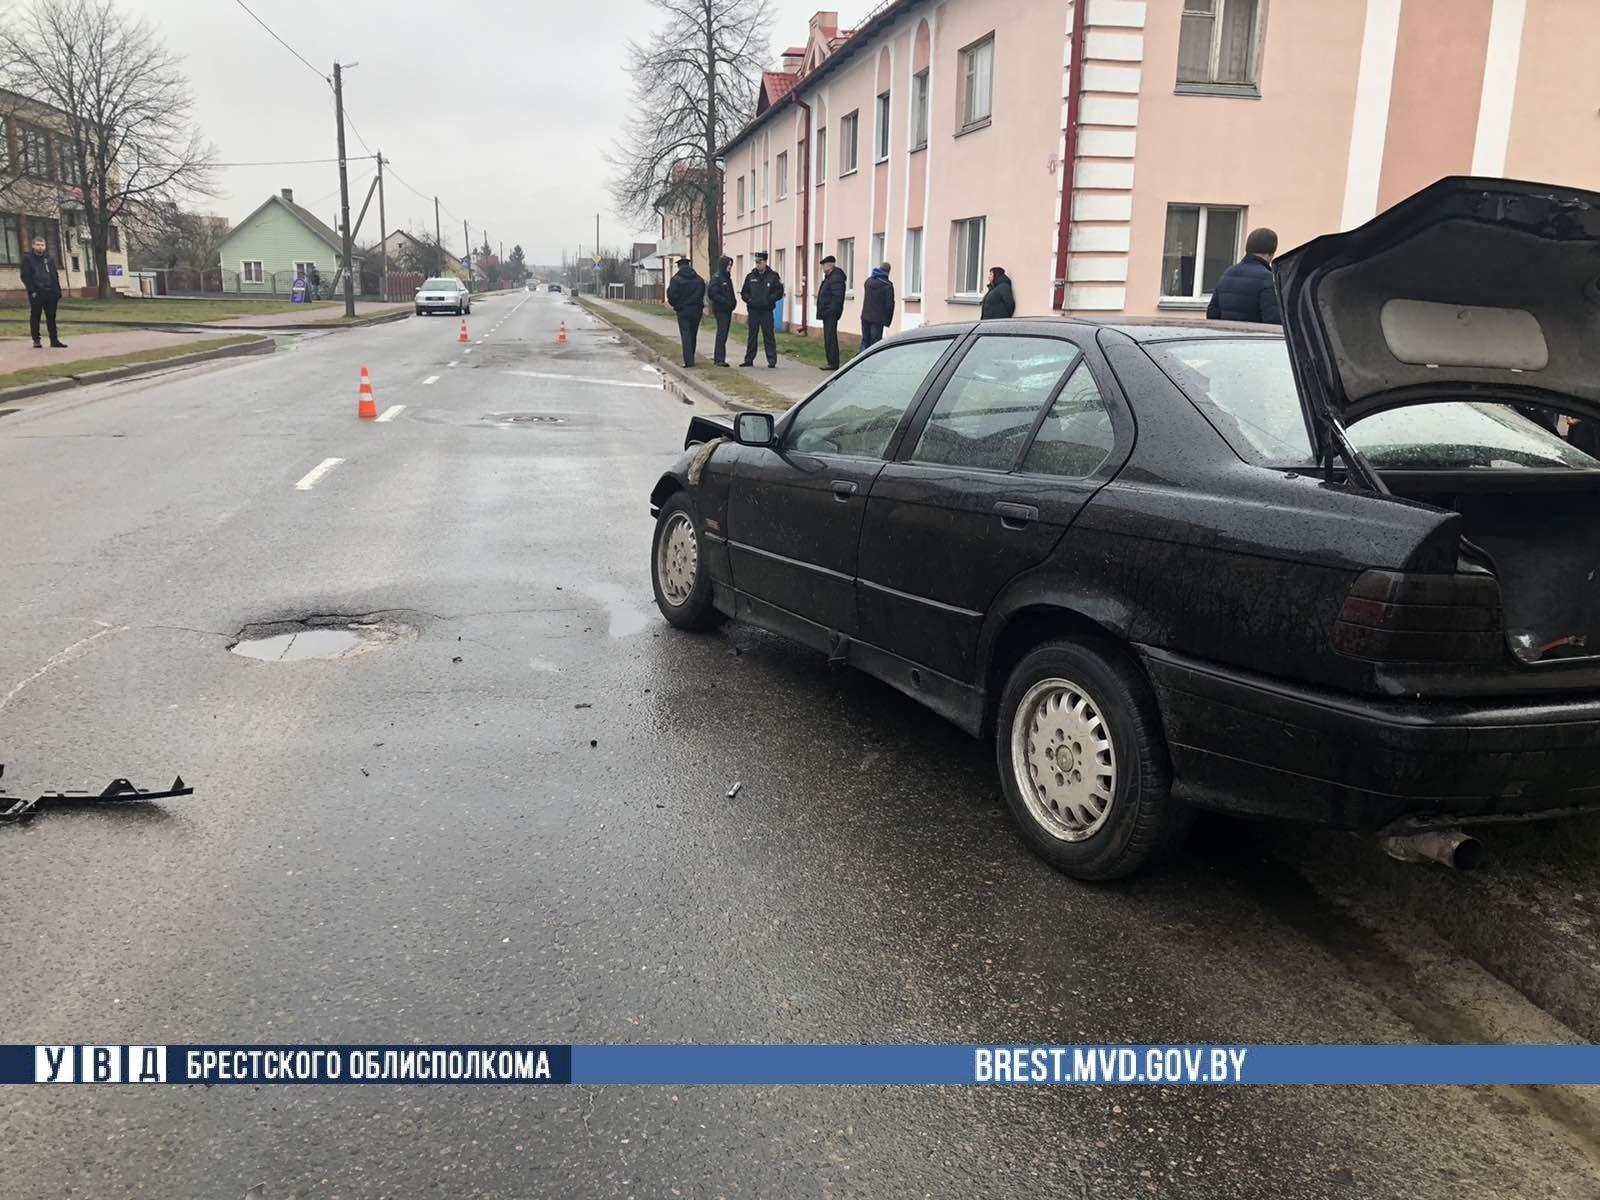 Водитель автомобиля БМВ не справился с управлением и сбил велосипедиста